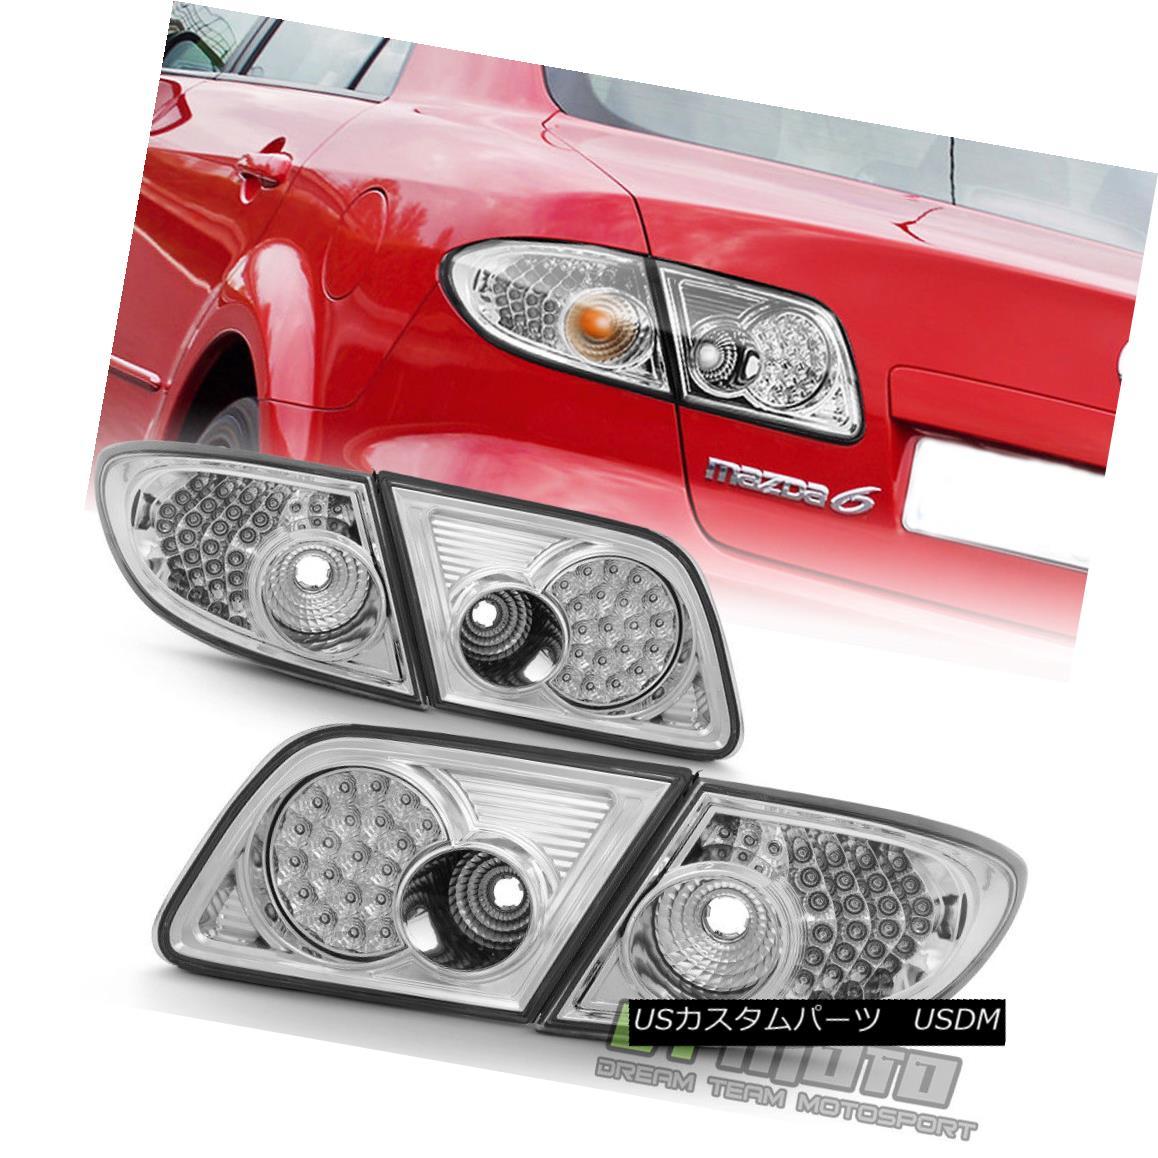 テールライト 2003-2008 Mazda6 Mazda 6 Sedan 6 4-Door Mazda6 LED LED Tail Lights Brake Lamps 4Pcs Set 03-08 2003-2008 Mazda6マツダ6セダン4ドアLEDテールライトブレーキランプ4個セット03-08, e-LIGHT SHOP/いいライトのお店:24d92f19 --- officewill.xsrv.jp